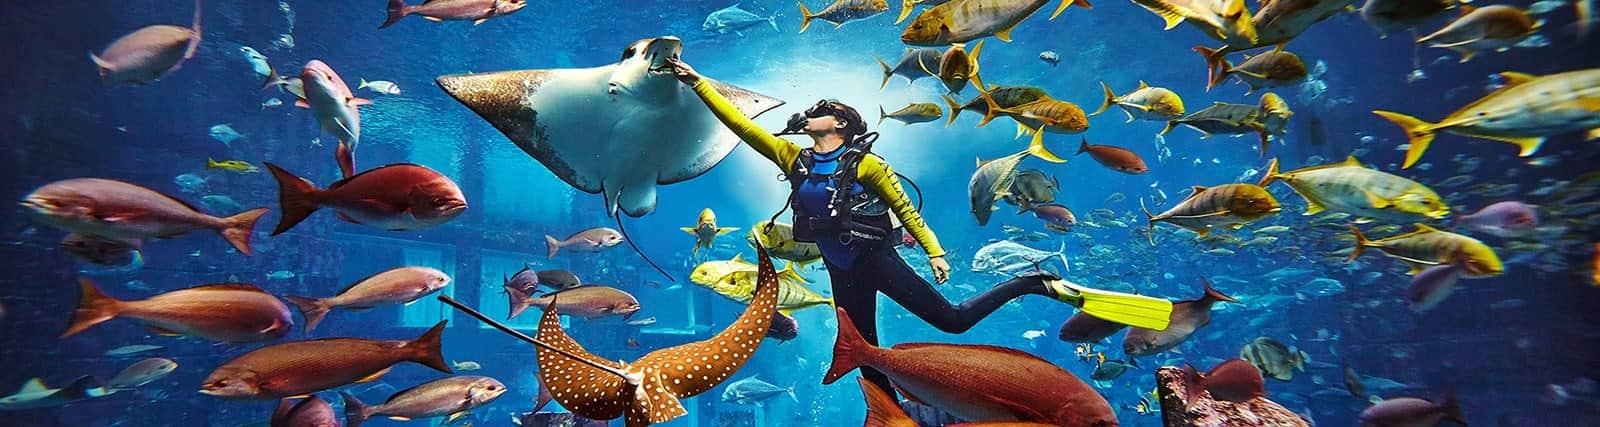 atlantis-aquaventure-amazing-school-trip